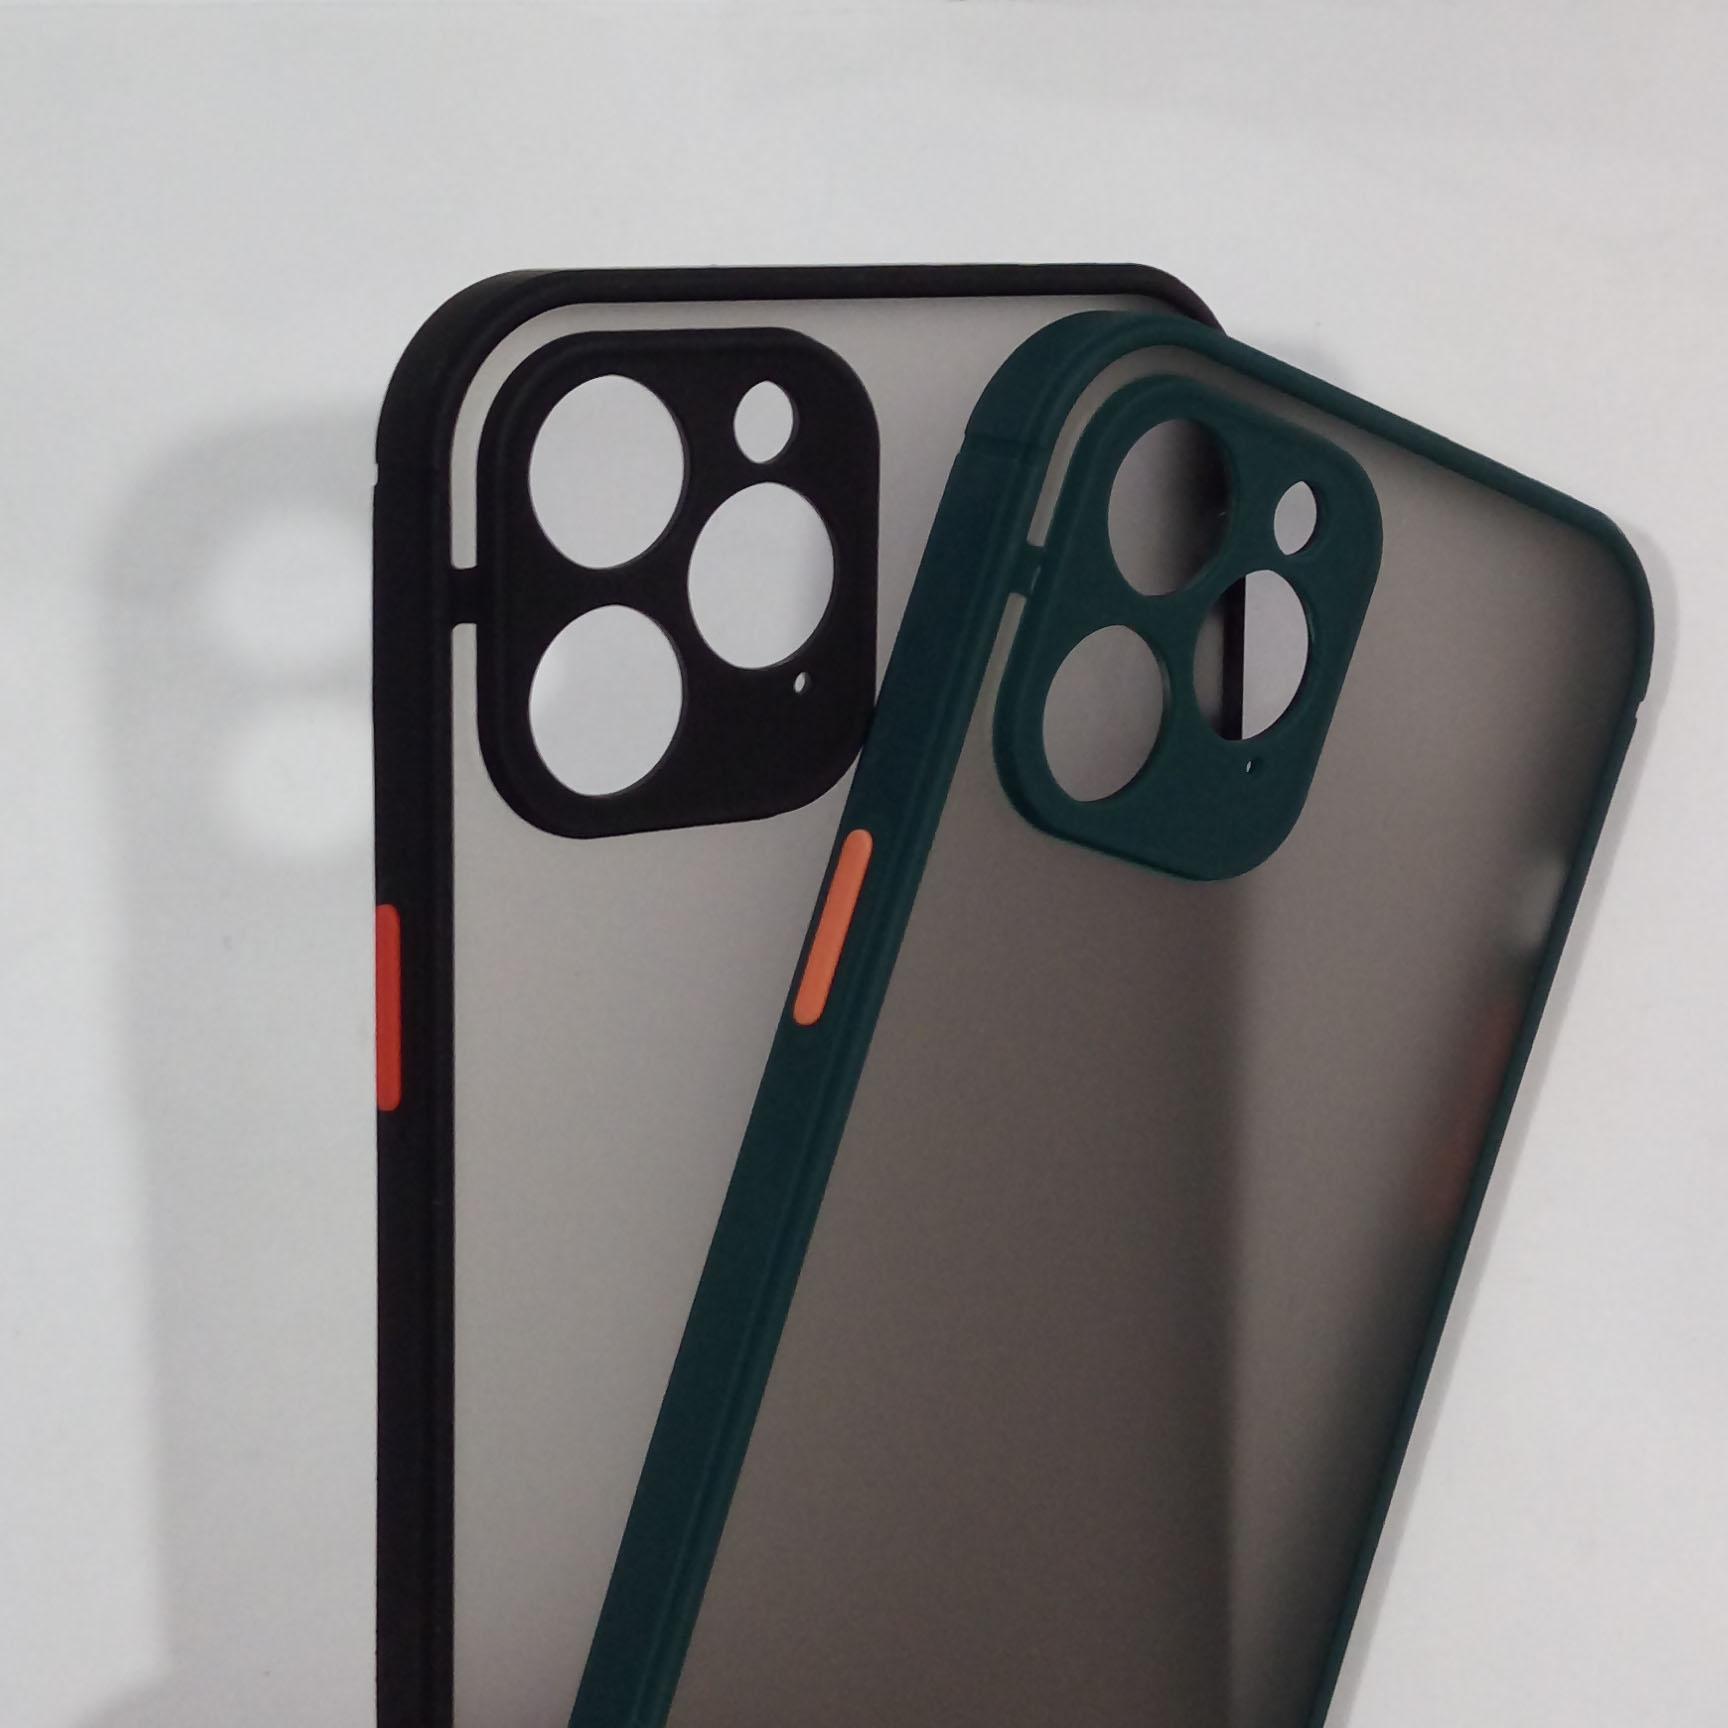 کاور مدل MT مناسب برای گوشی موبایل اپل  iphone 12 PRO MAX main 1 2